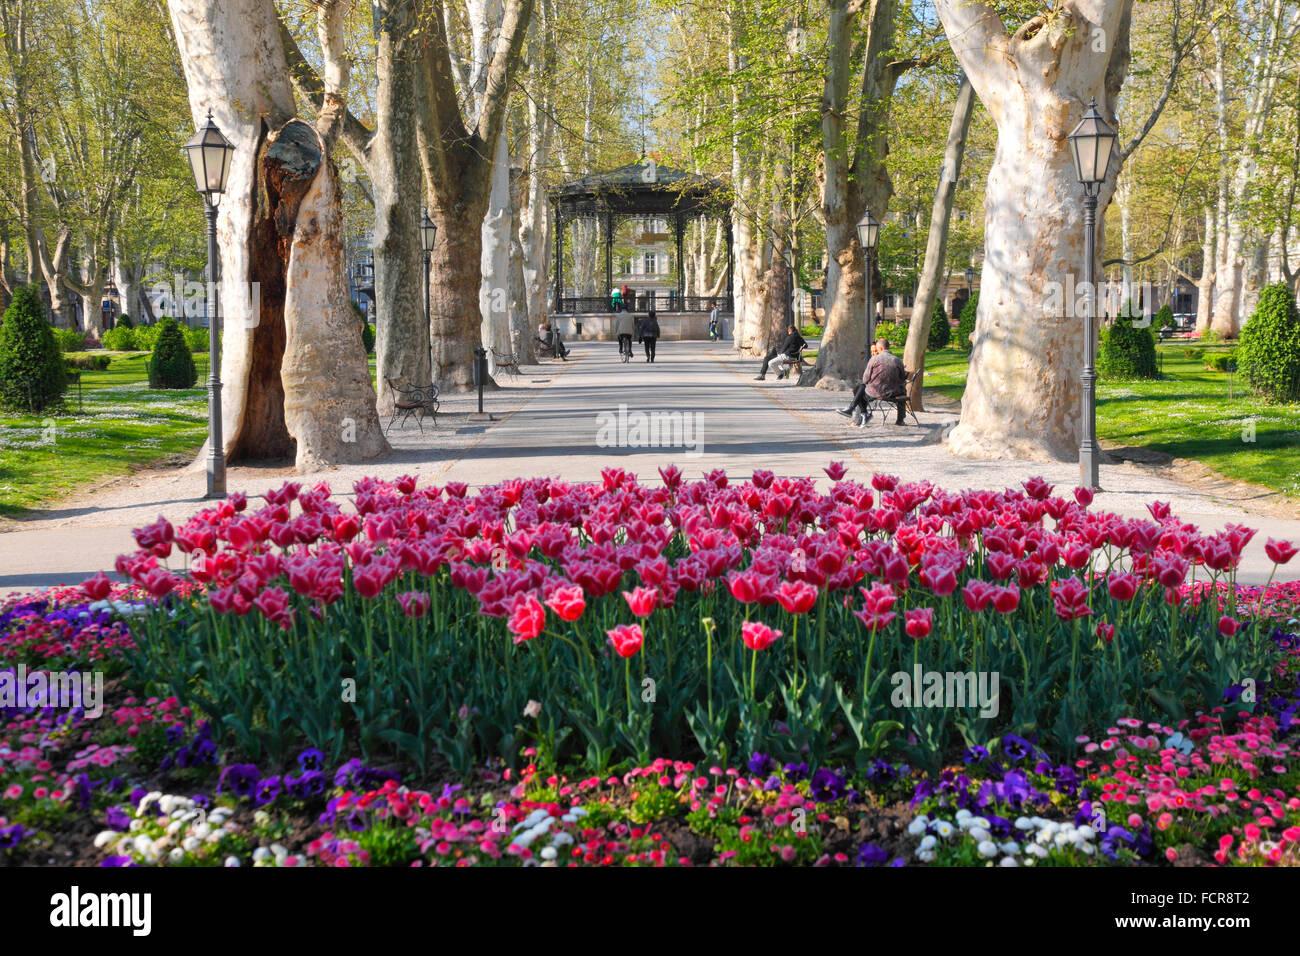 Zagreb Park Zrinjevac In Spring With Waterfall Stock Photo Alamy